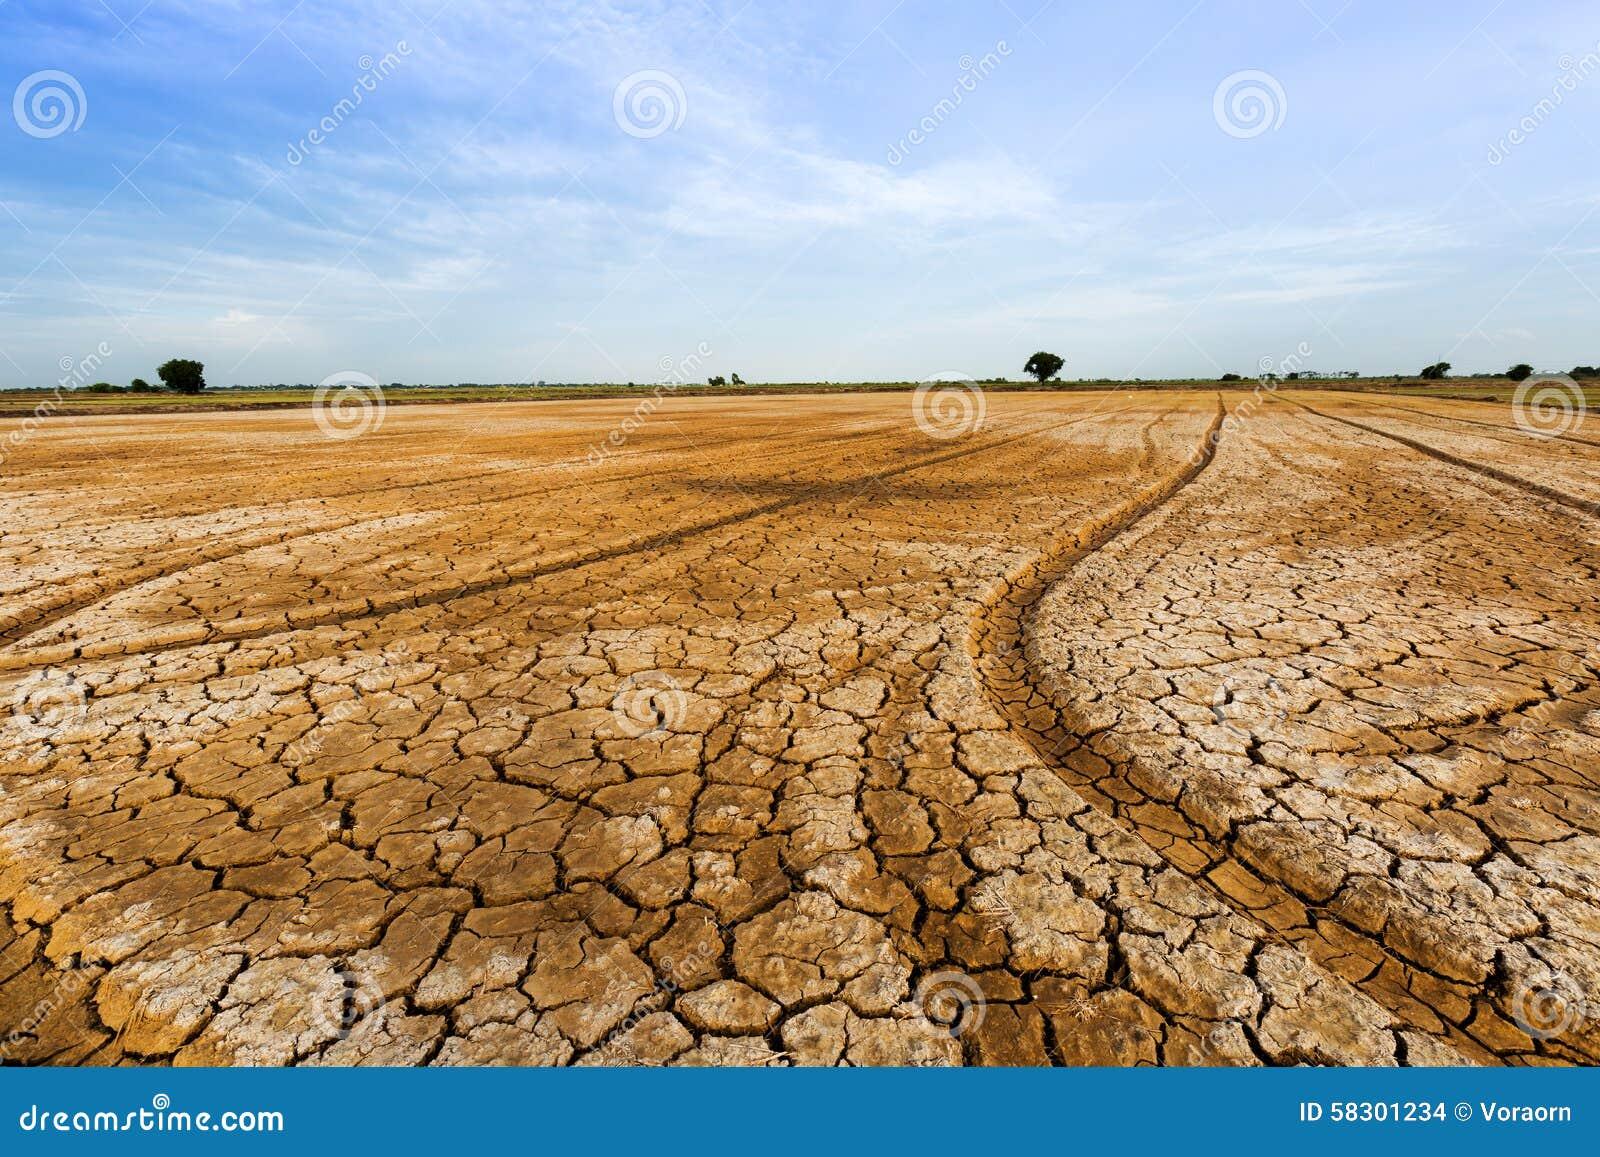 Terra rachada Banco de Imagens e Fotos 13854 terra